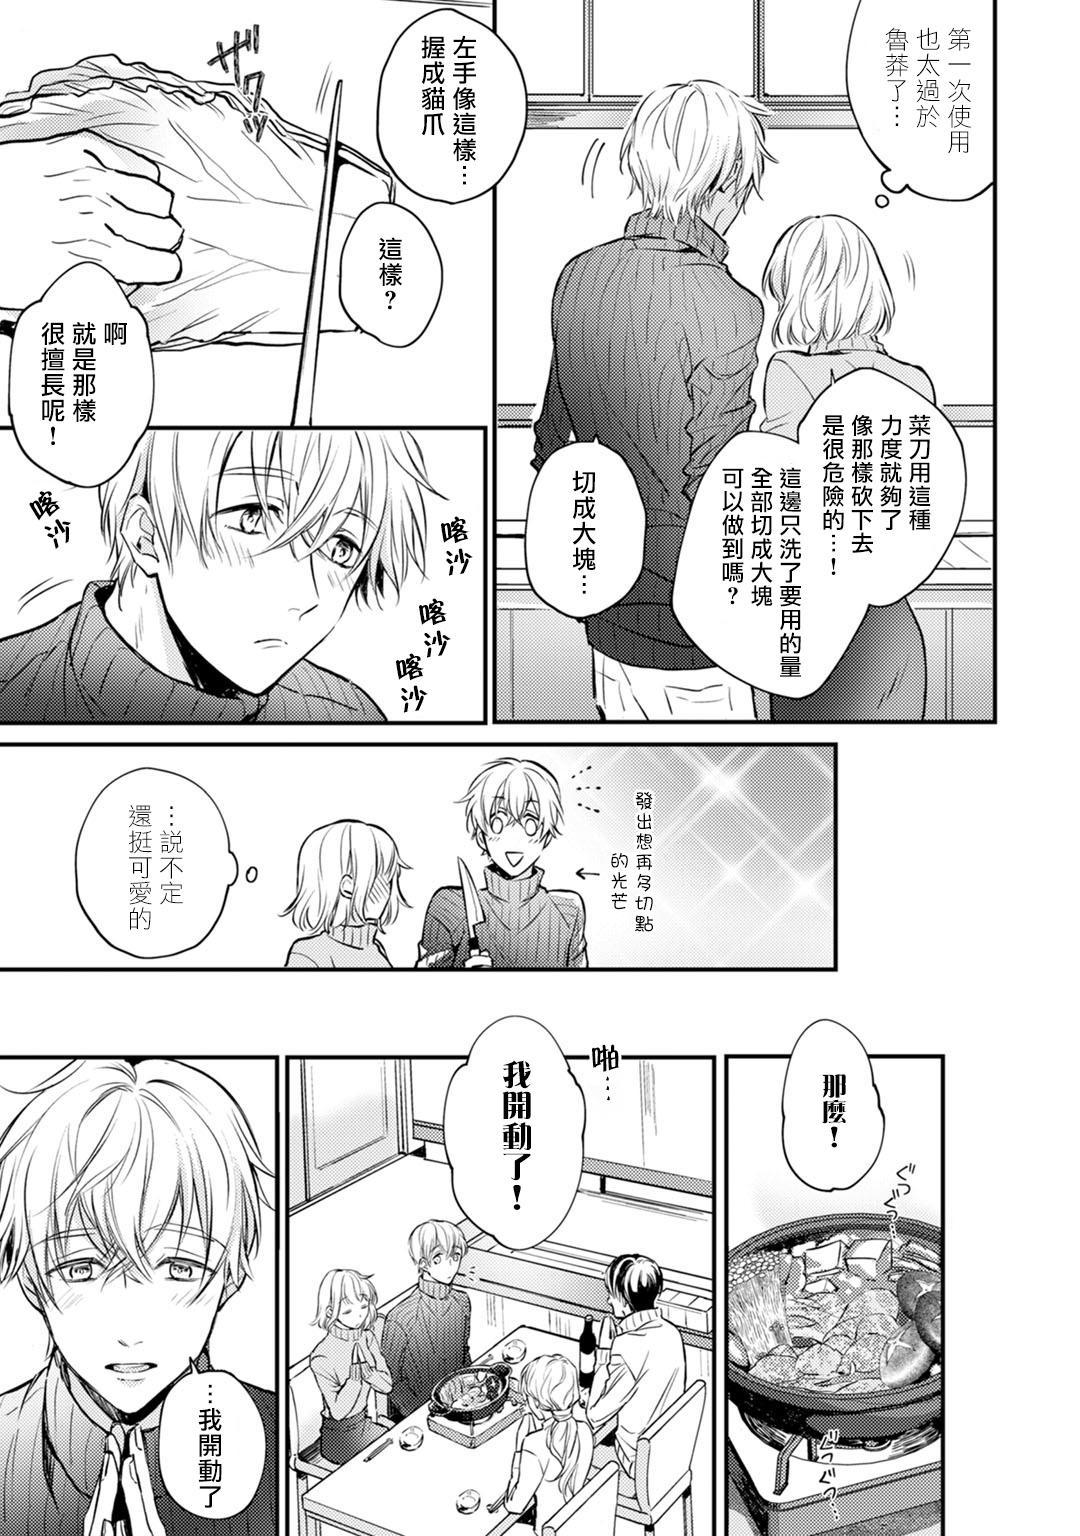 [Shichigatsu Motomi]  Sonna Kao shite, Sasotteru? ~Dekiai Shachou to Migawari Omiaikekkon!?~ 1-11  這種表情,在誘惑我嗎?~溺愛社長和替身相親結婚!? [Chinese] [拾荒者汉化组] 37